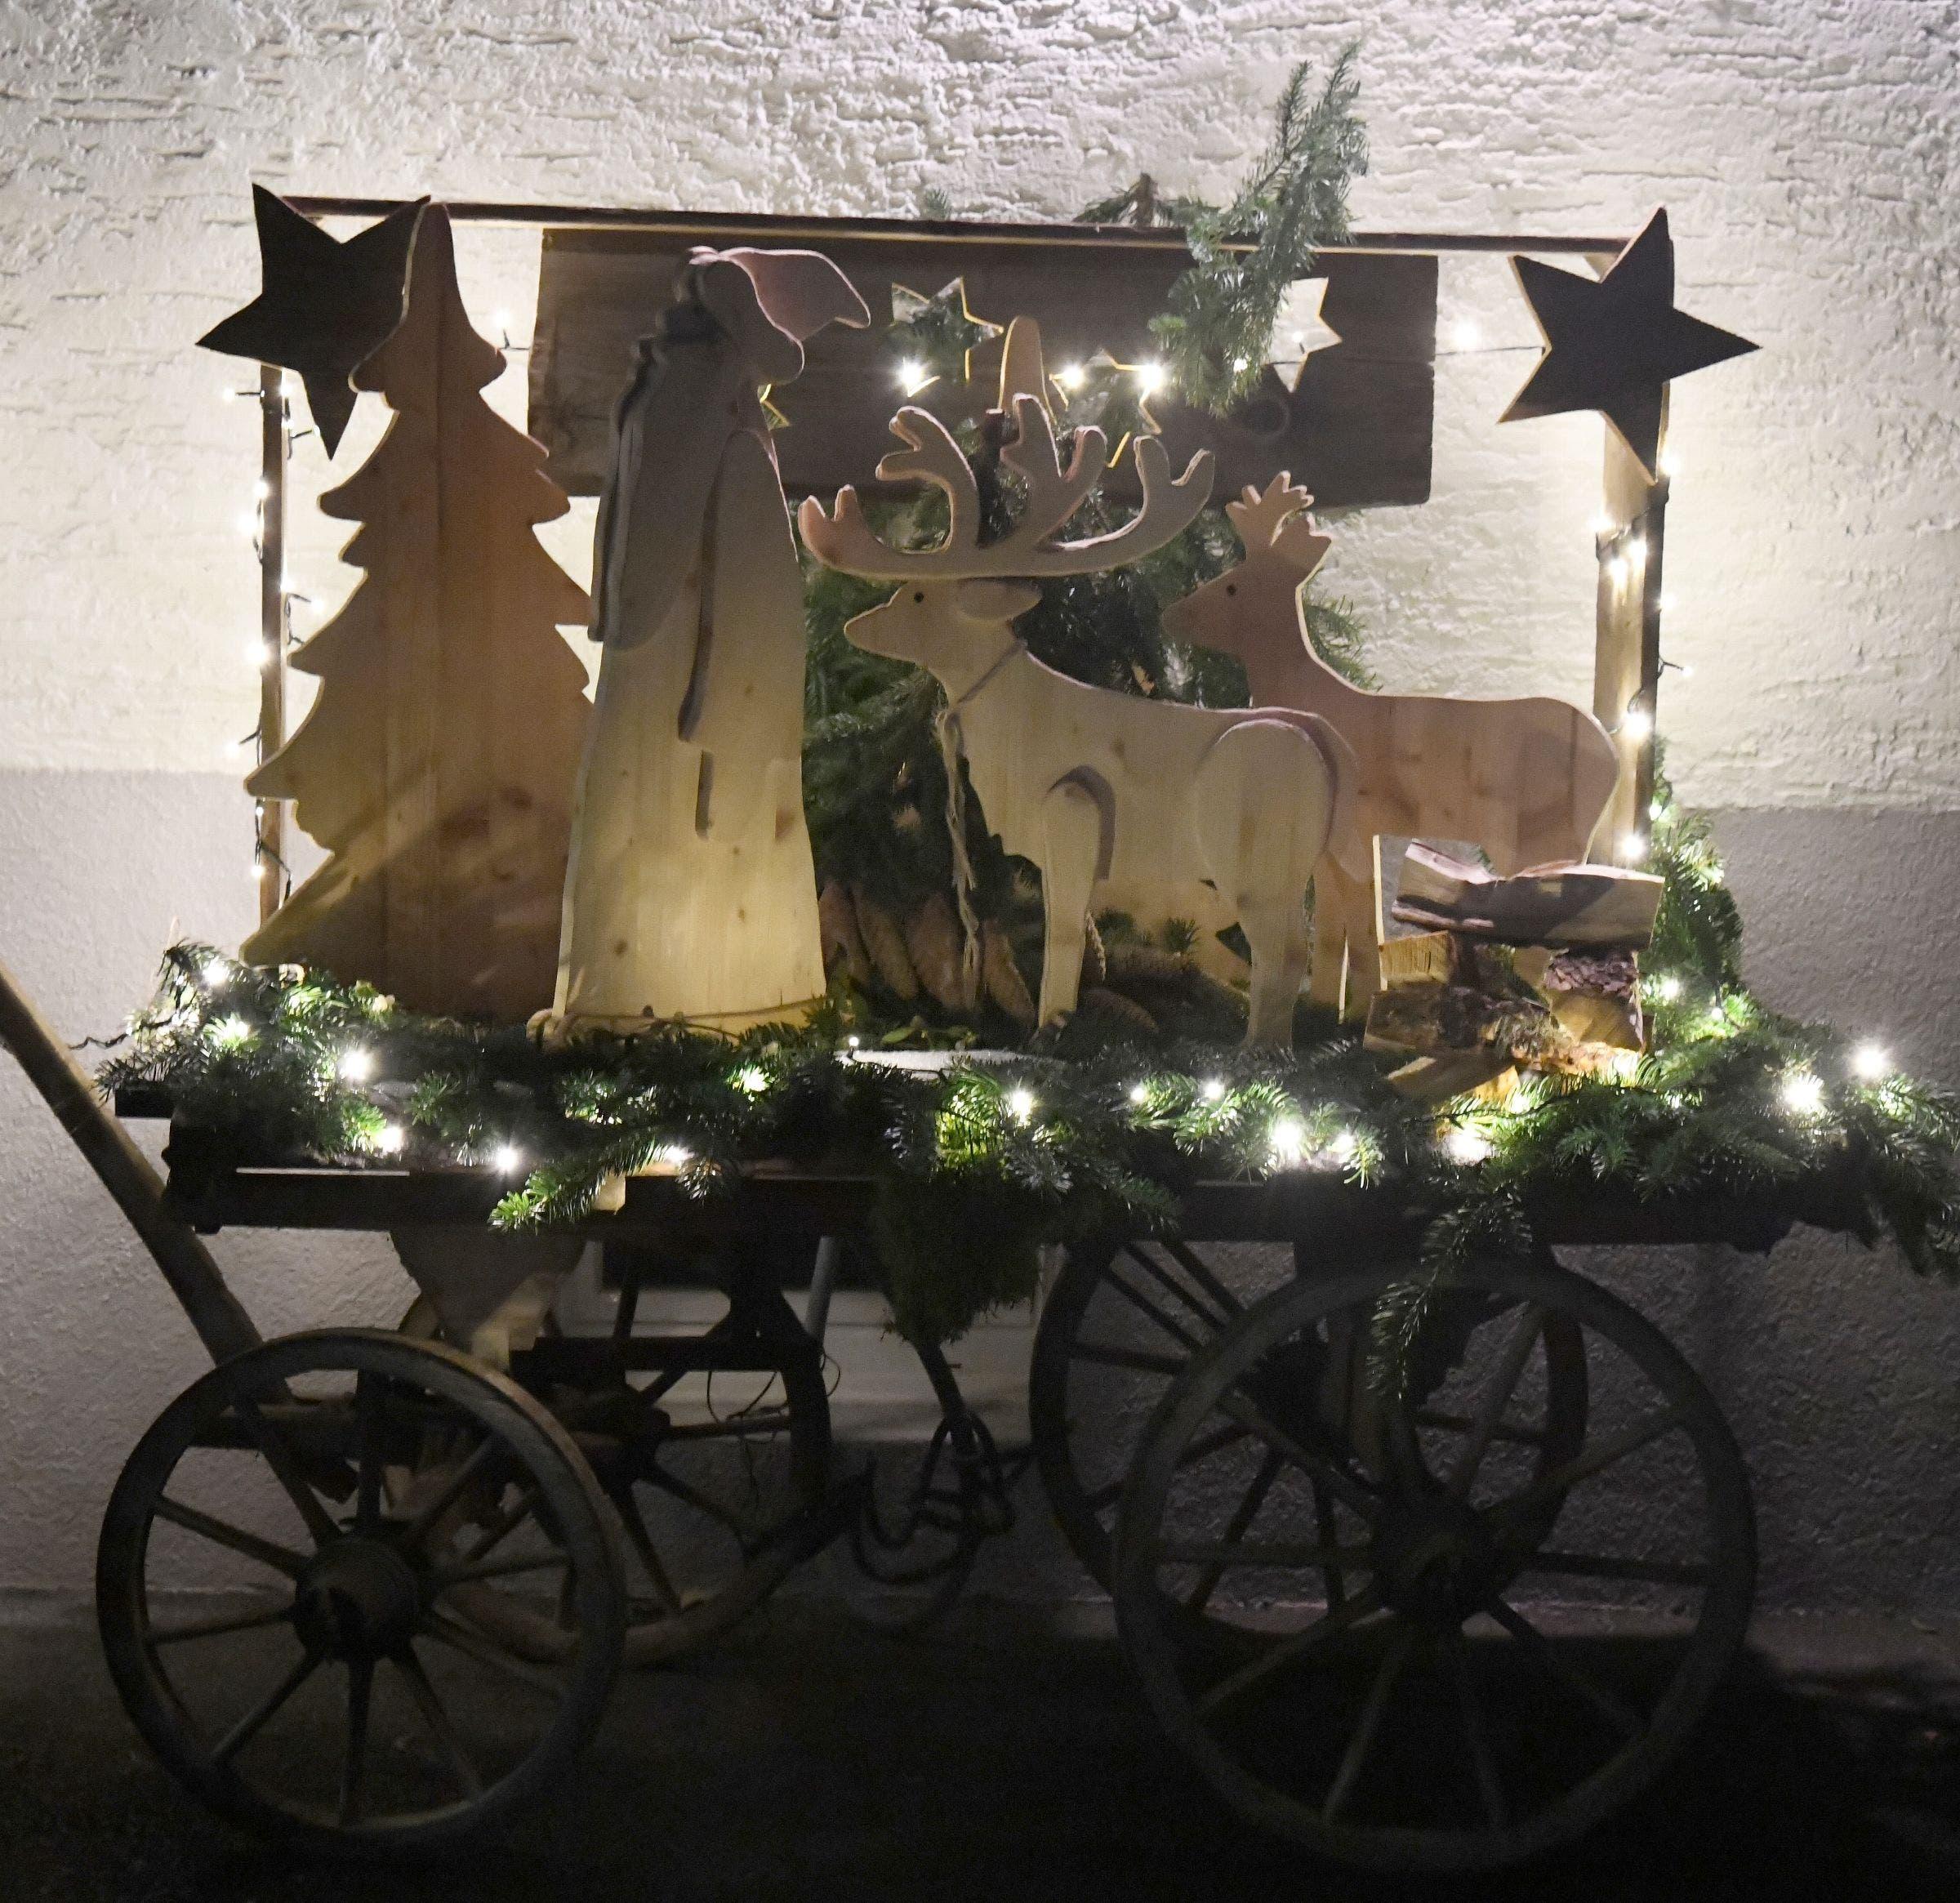 Hölzernes Weihnachtssujet auf altem Handwagen, gesehen am Sonnenweg.